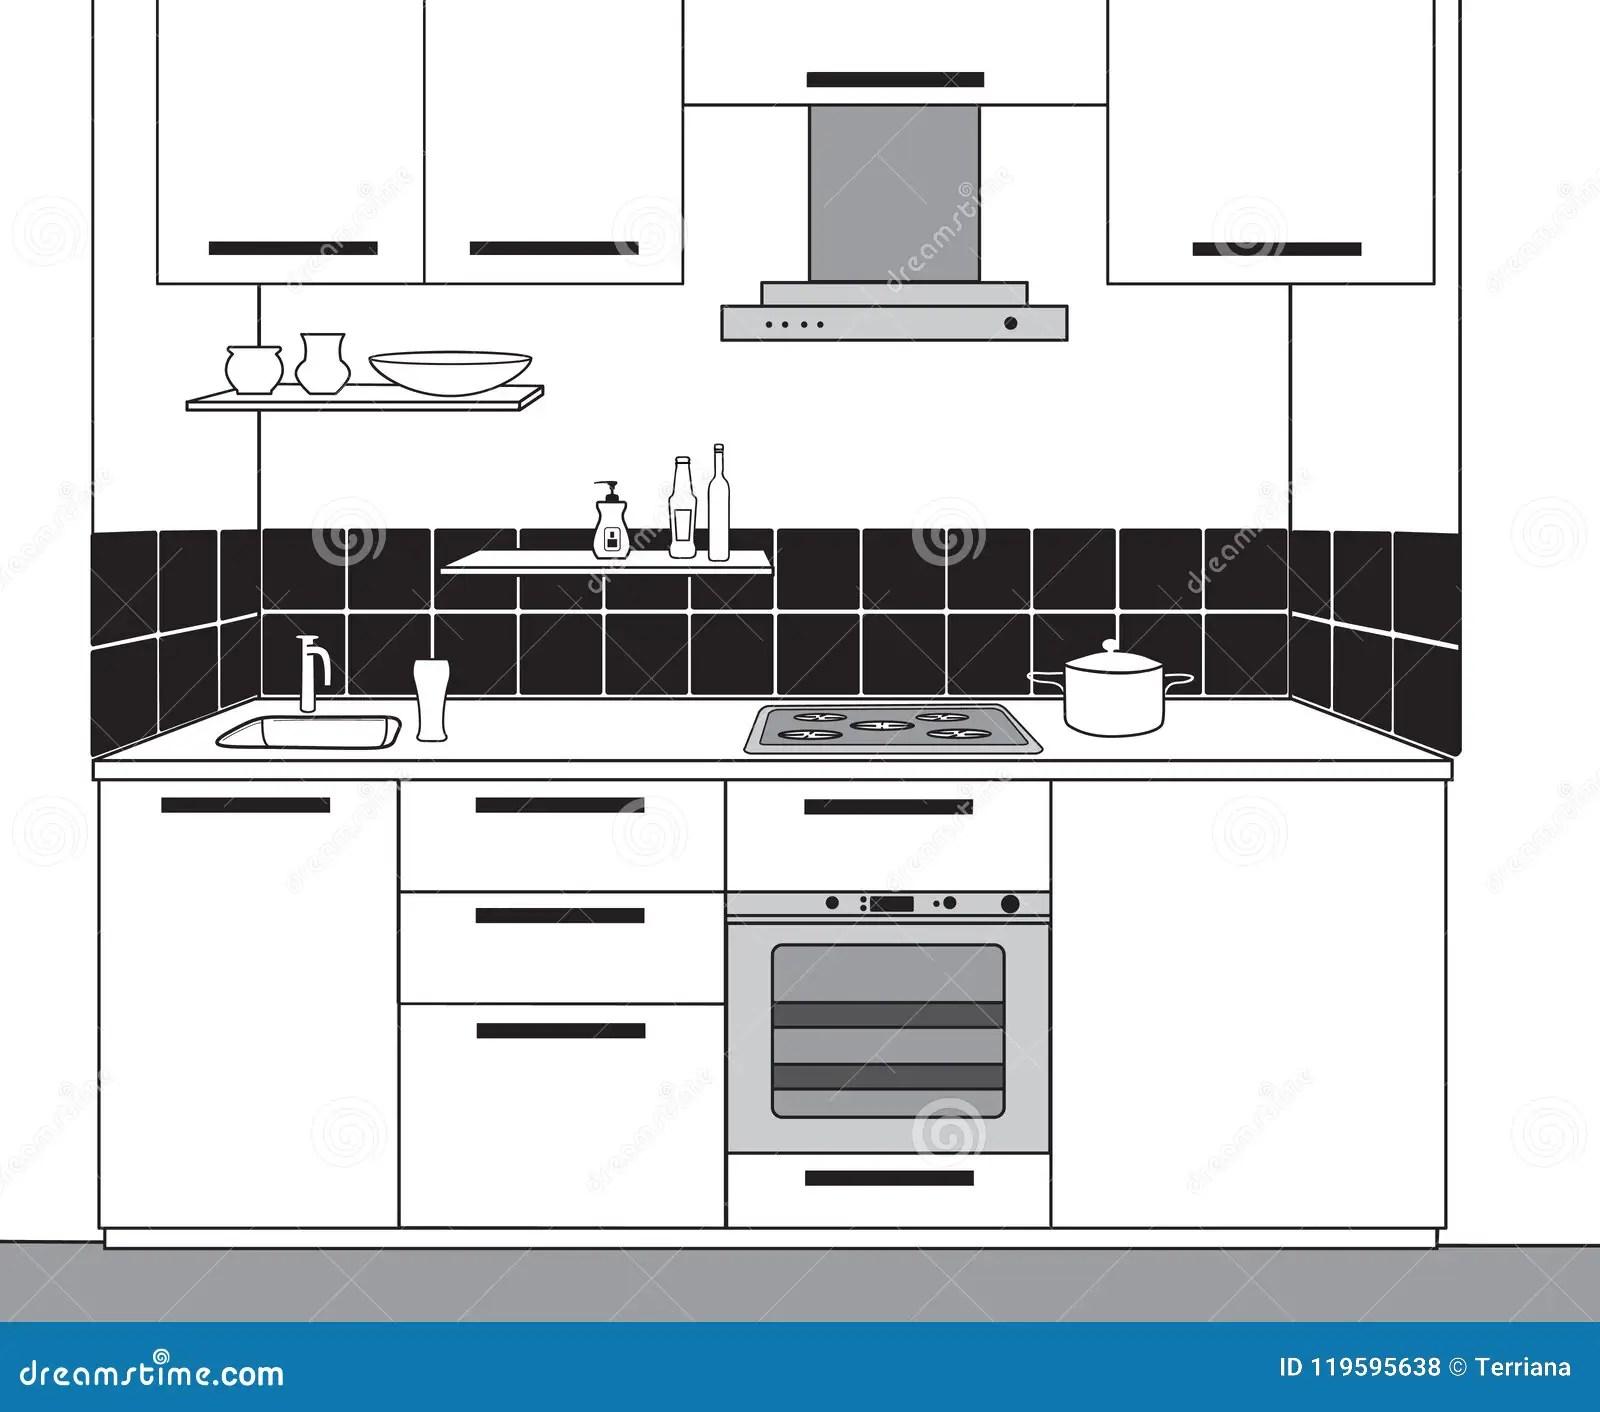 kitchen design tools my own 厨房室内部剪影概述成套工具图纸设计库存例证 插画包括有厨房 前面 厨房室内部剪影概述厨房图纸设计有现代家具的